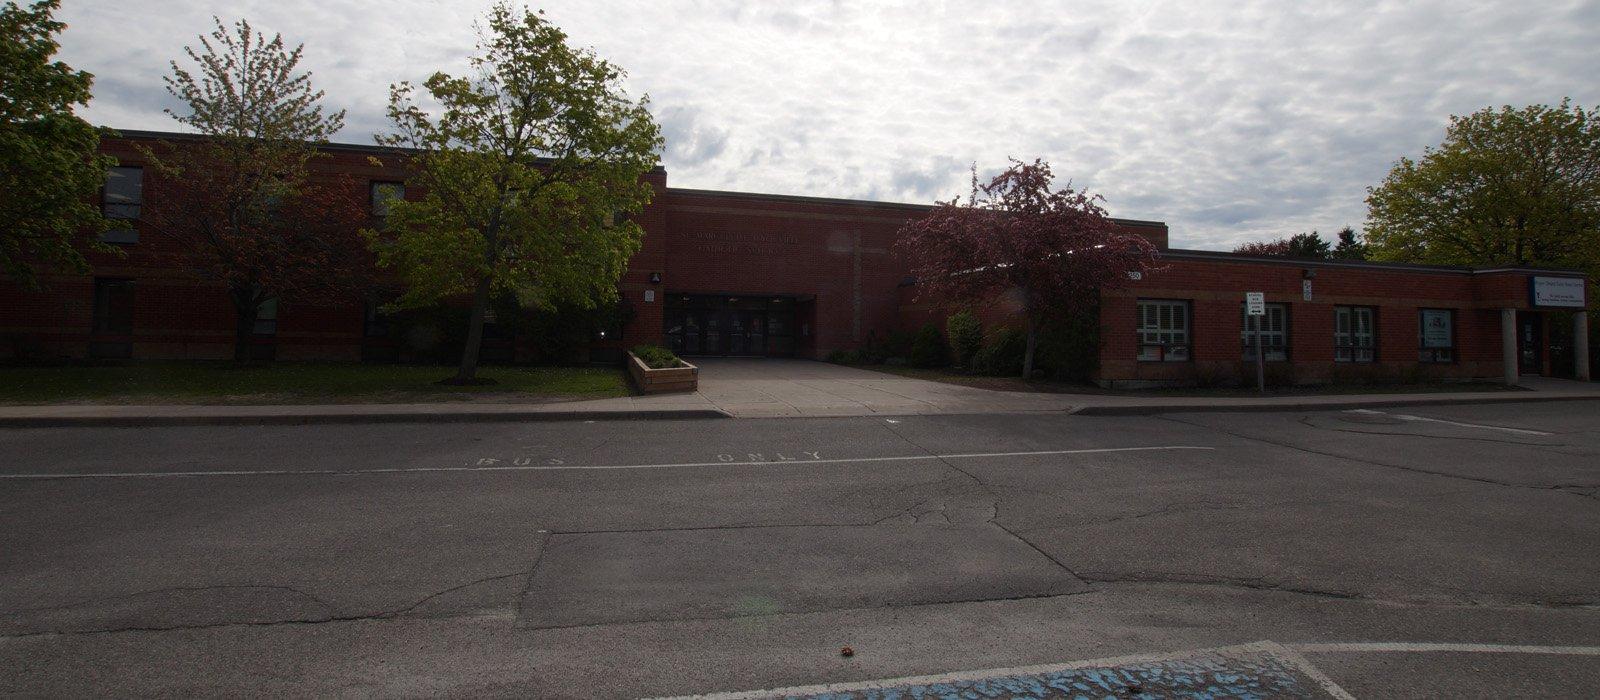 Our School - St. Marguerite D'youville Catholic School D'youville Calendar 2019